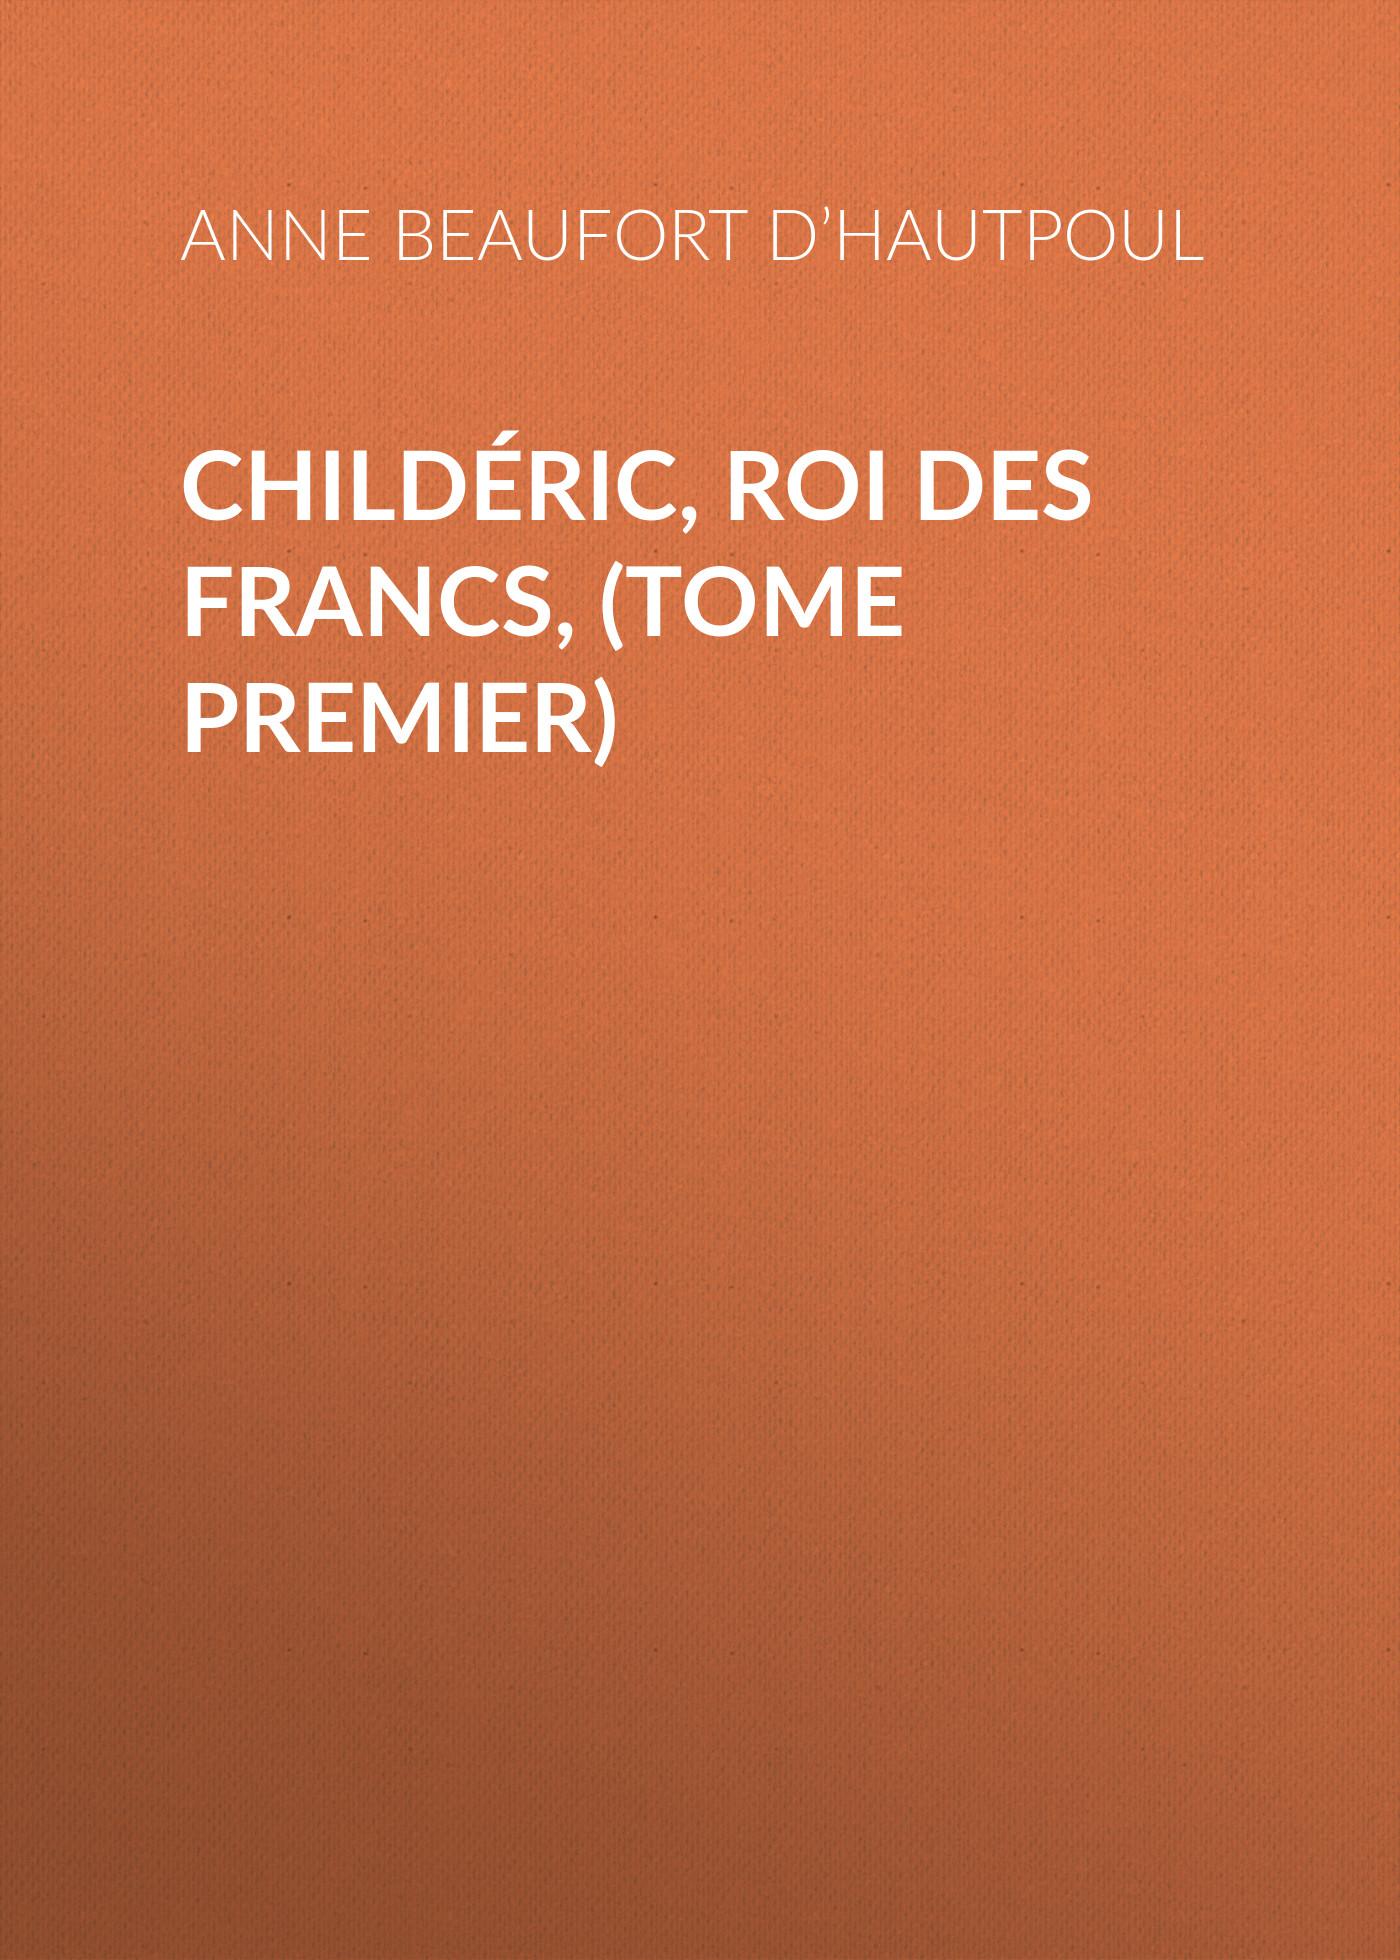 где купить Comtesse de Beaufort d'Hautpoul Anne Marie Childéric, Roi des Francs, (tome premier) по лучшей цене